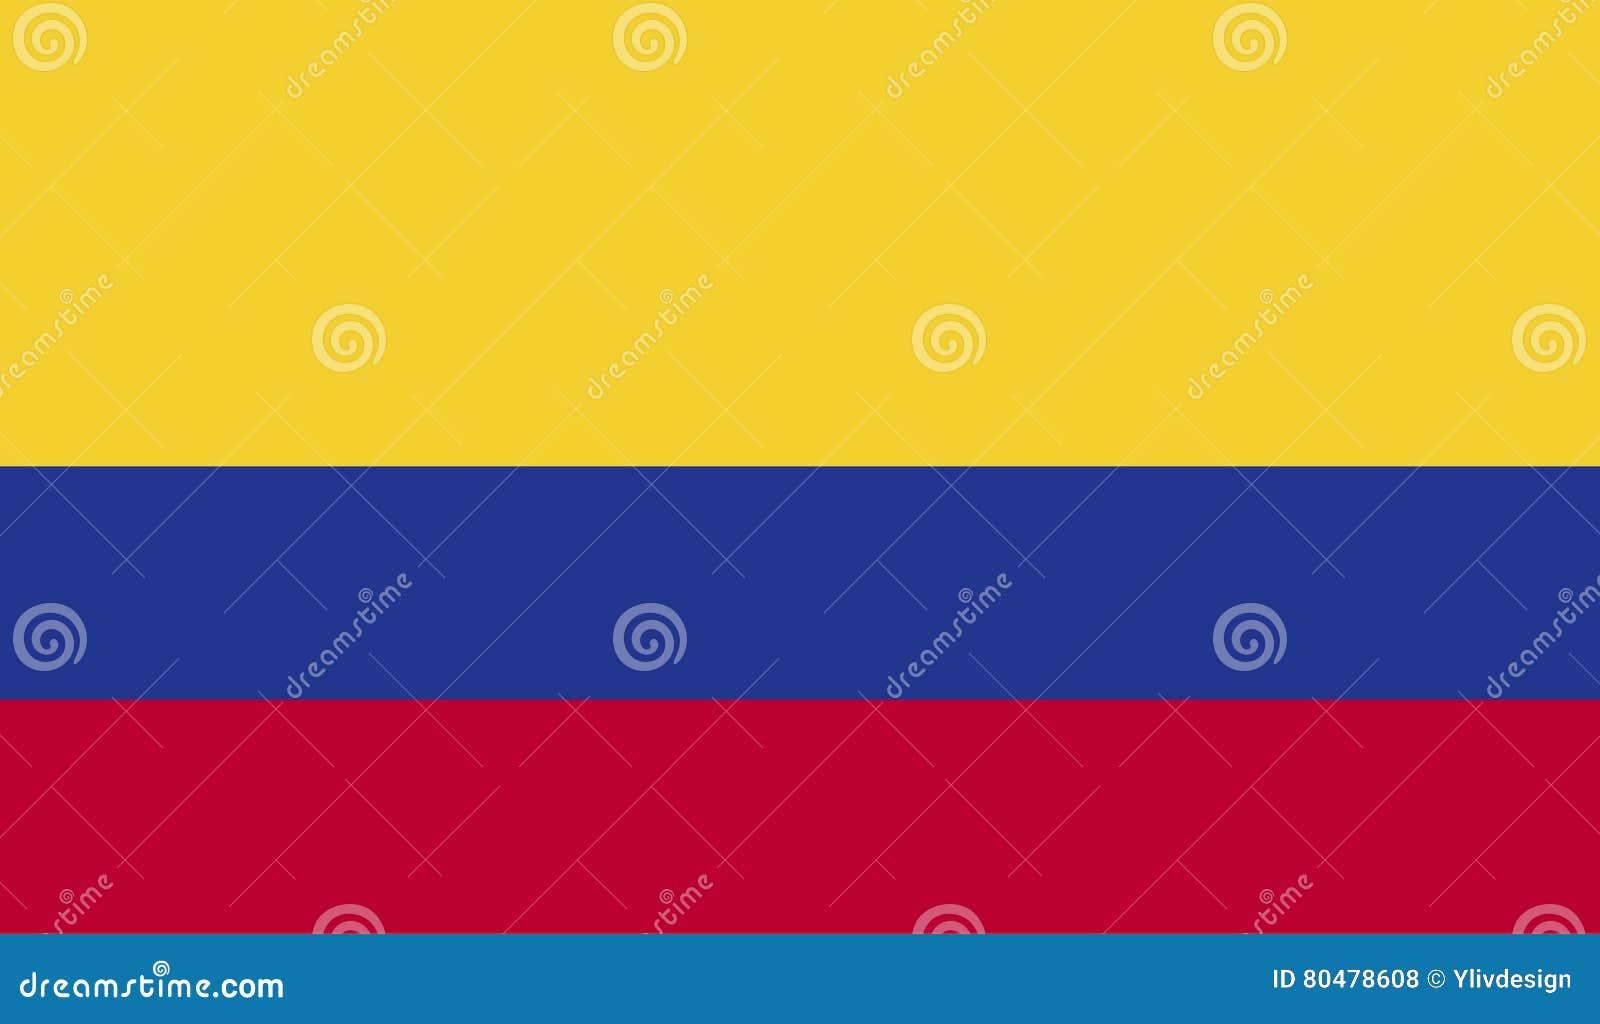 Imagem da bandeira de Colômbia